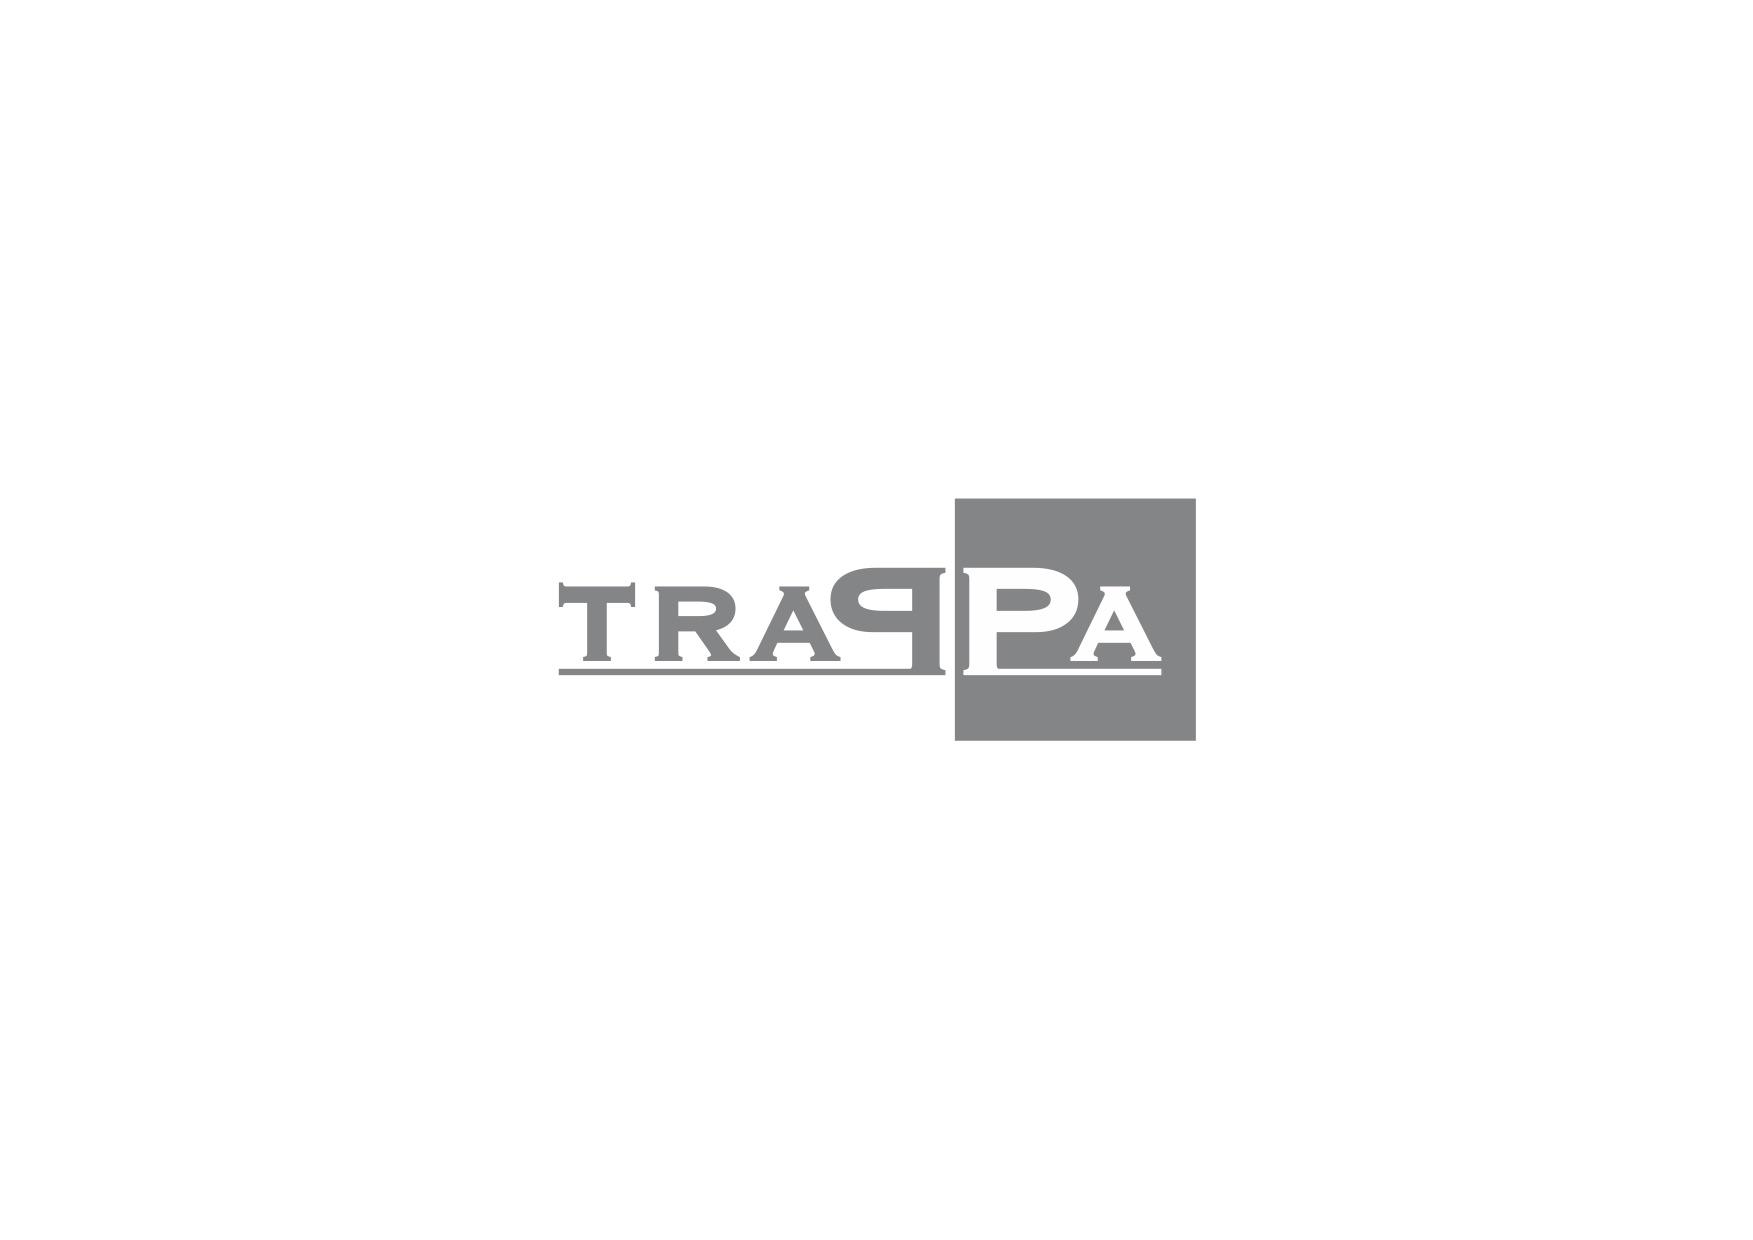 Logo Trappa Spółka z ograniczoną odpowiedzialnością